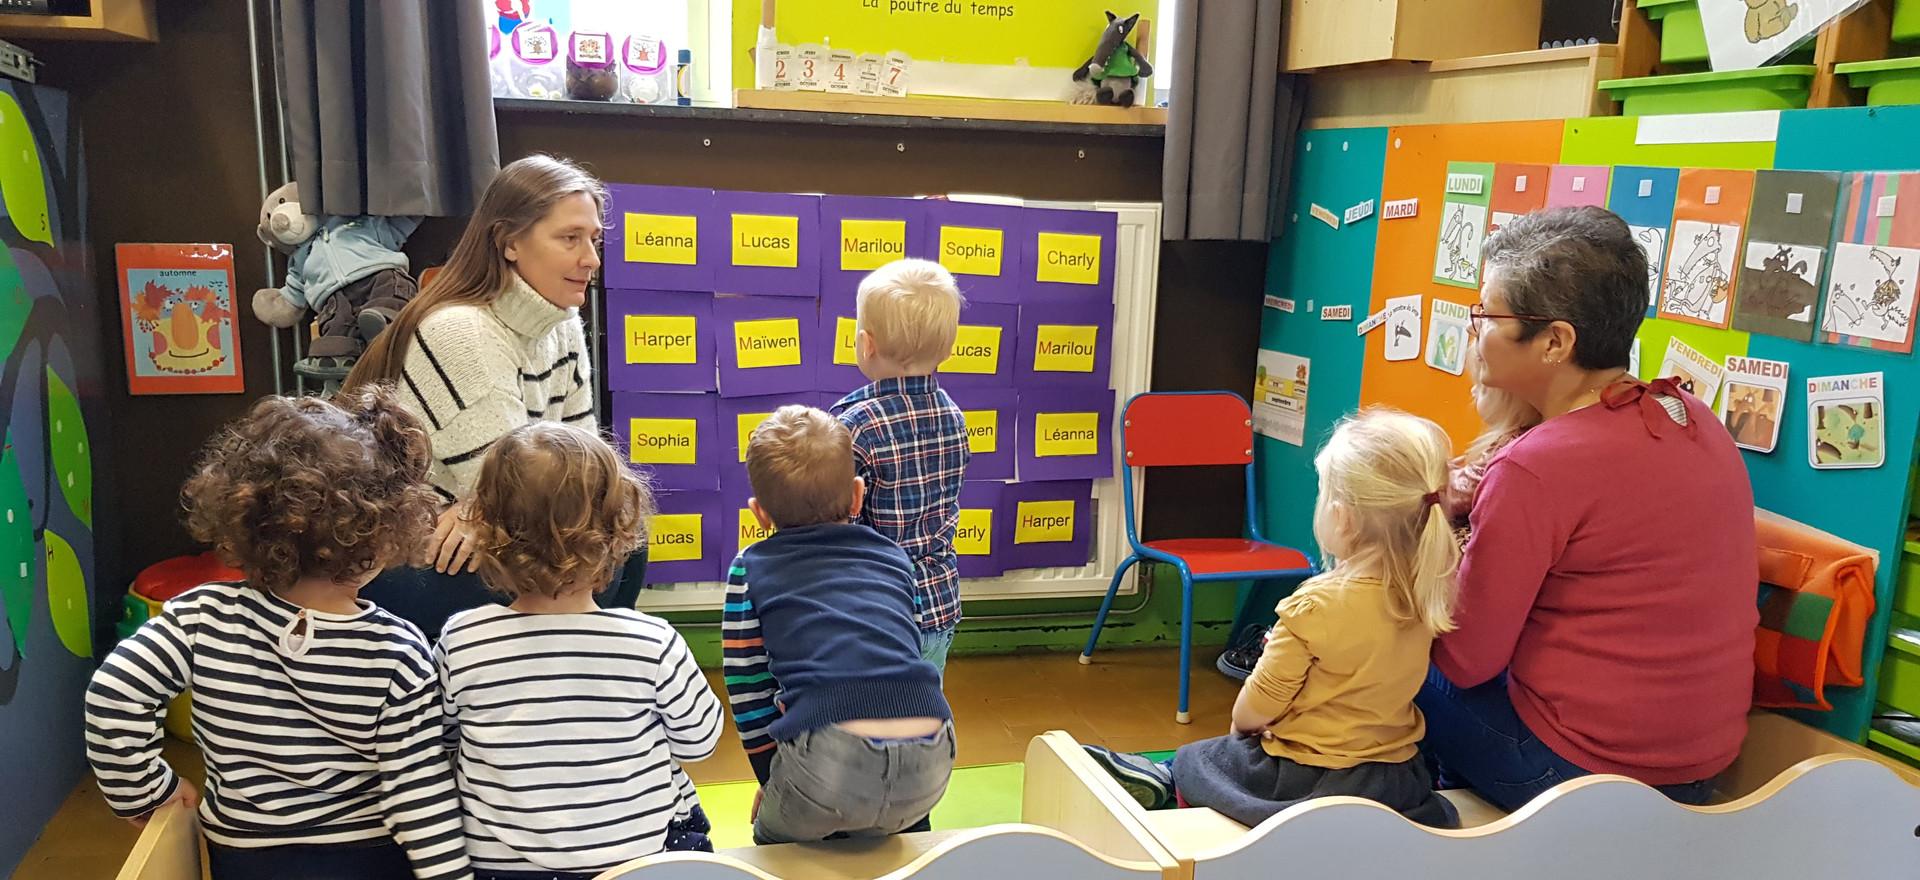 Dès l'entrée en maternelle, les enfants apprennent à reconnaître leur prénom.